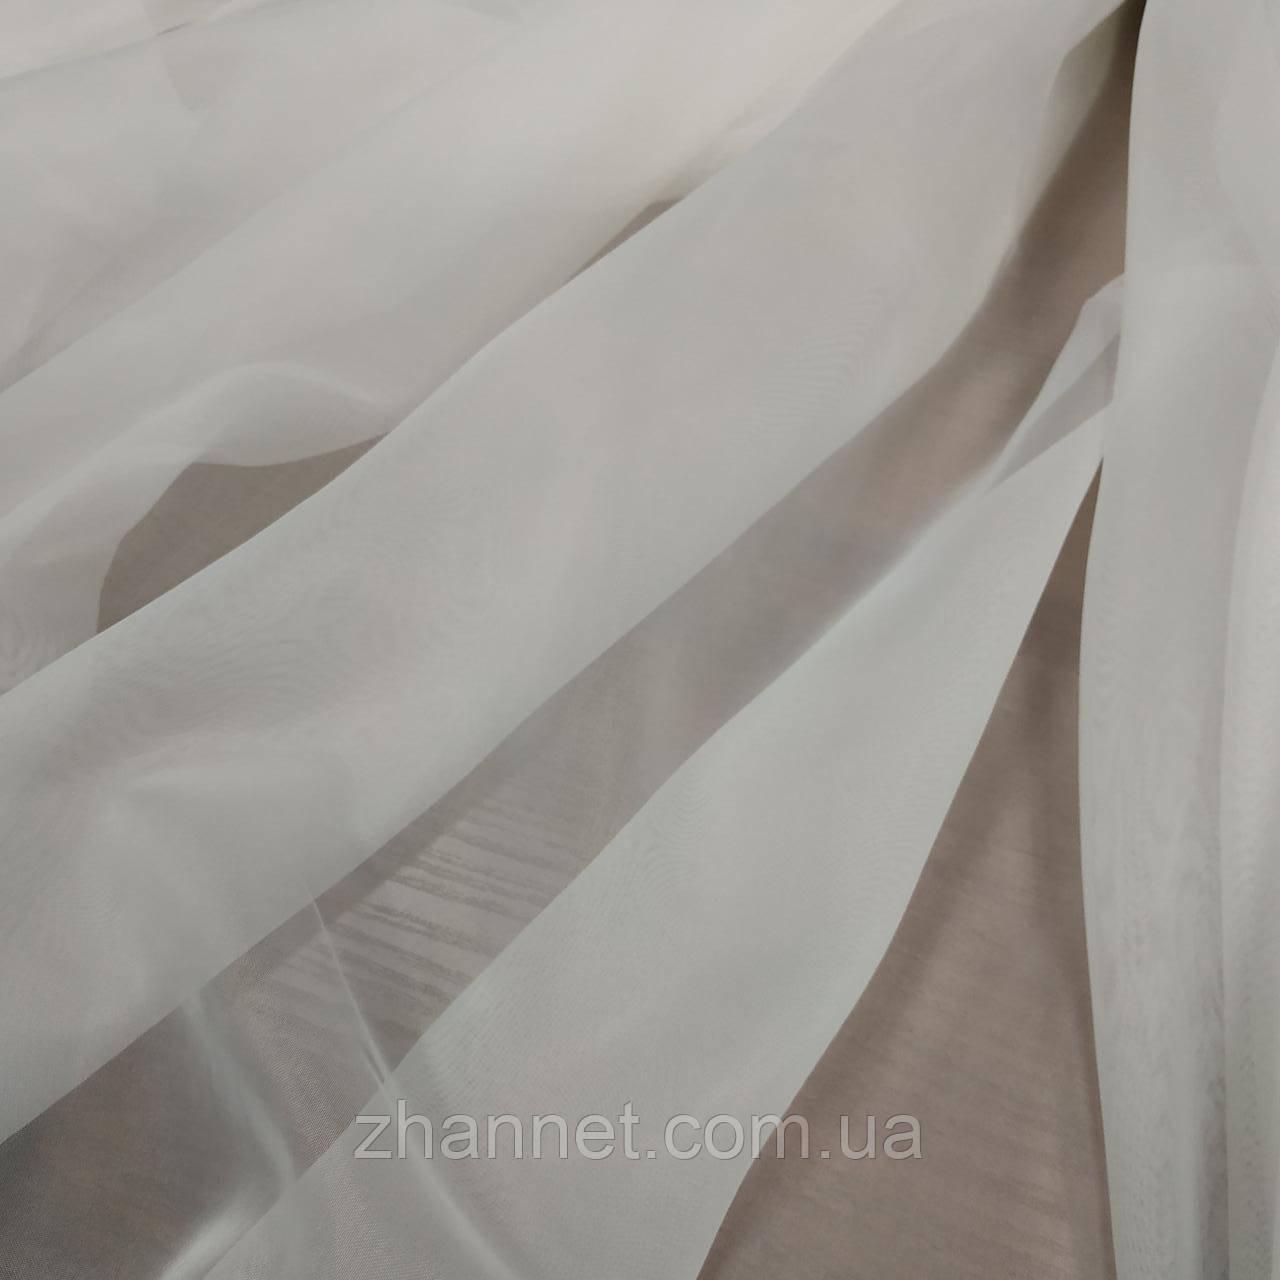 Тюль Вуаль молочный 290 см (49283)